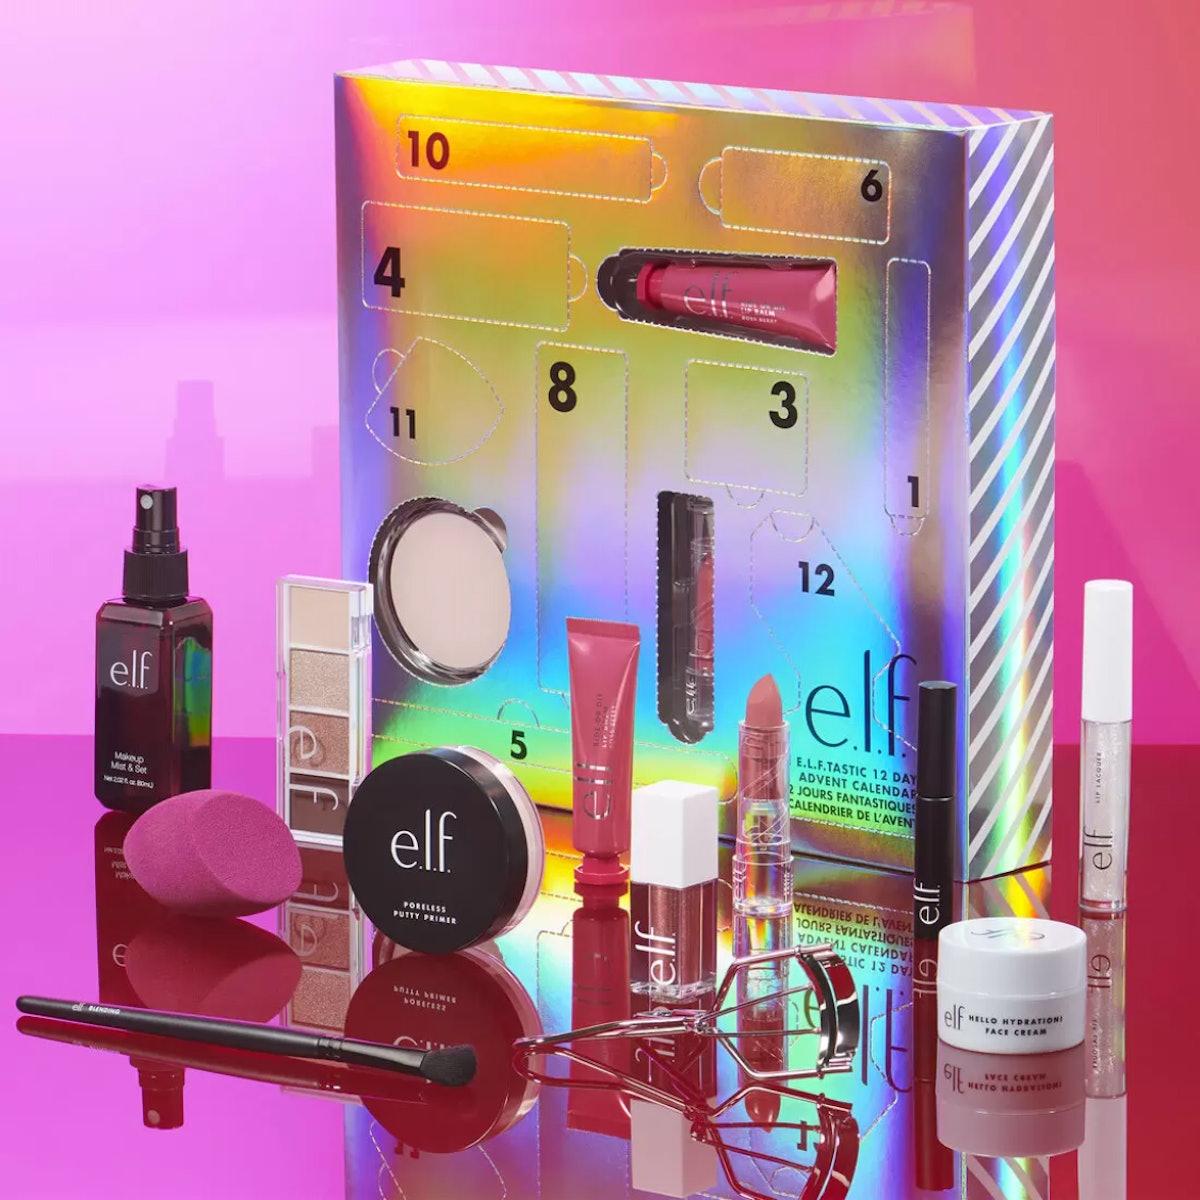 e.l.f. Cosmetics e.l.f.tastic 12 Day Advent Calendar